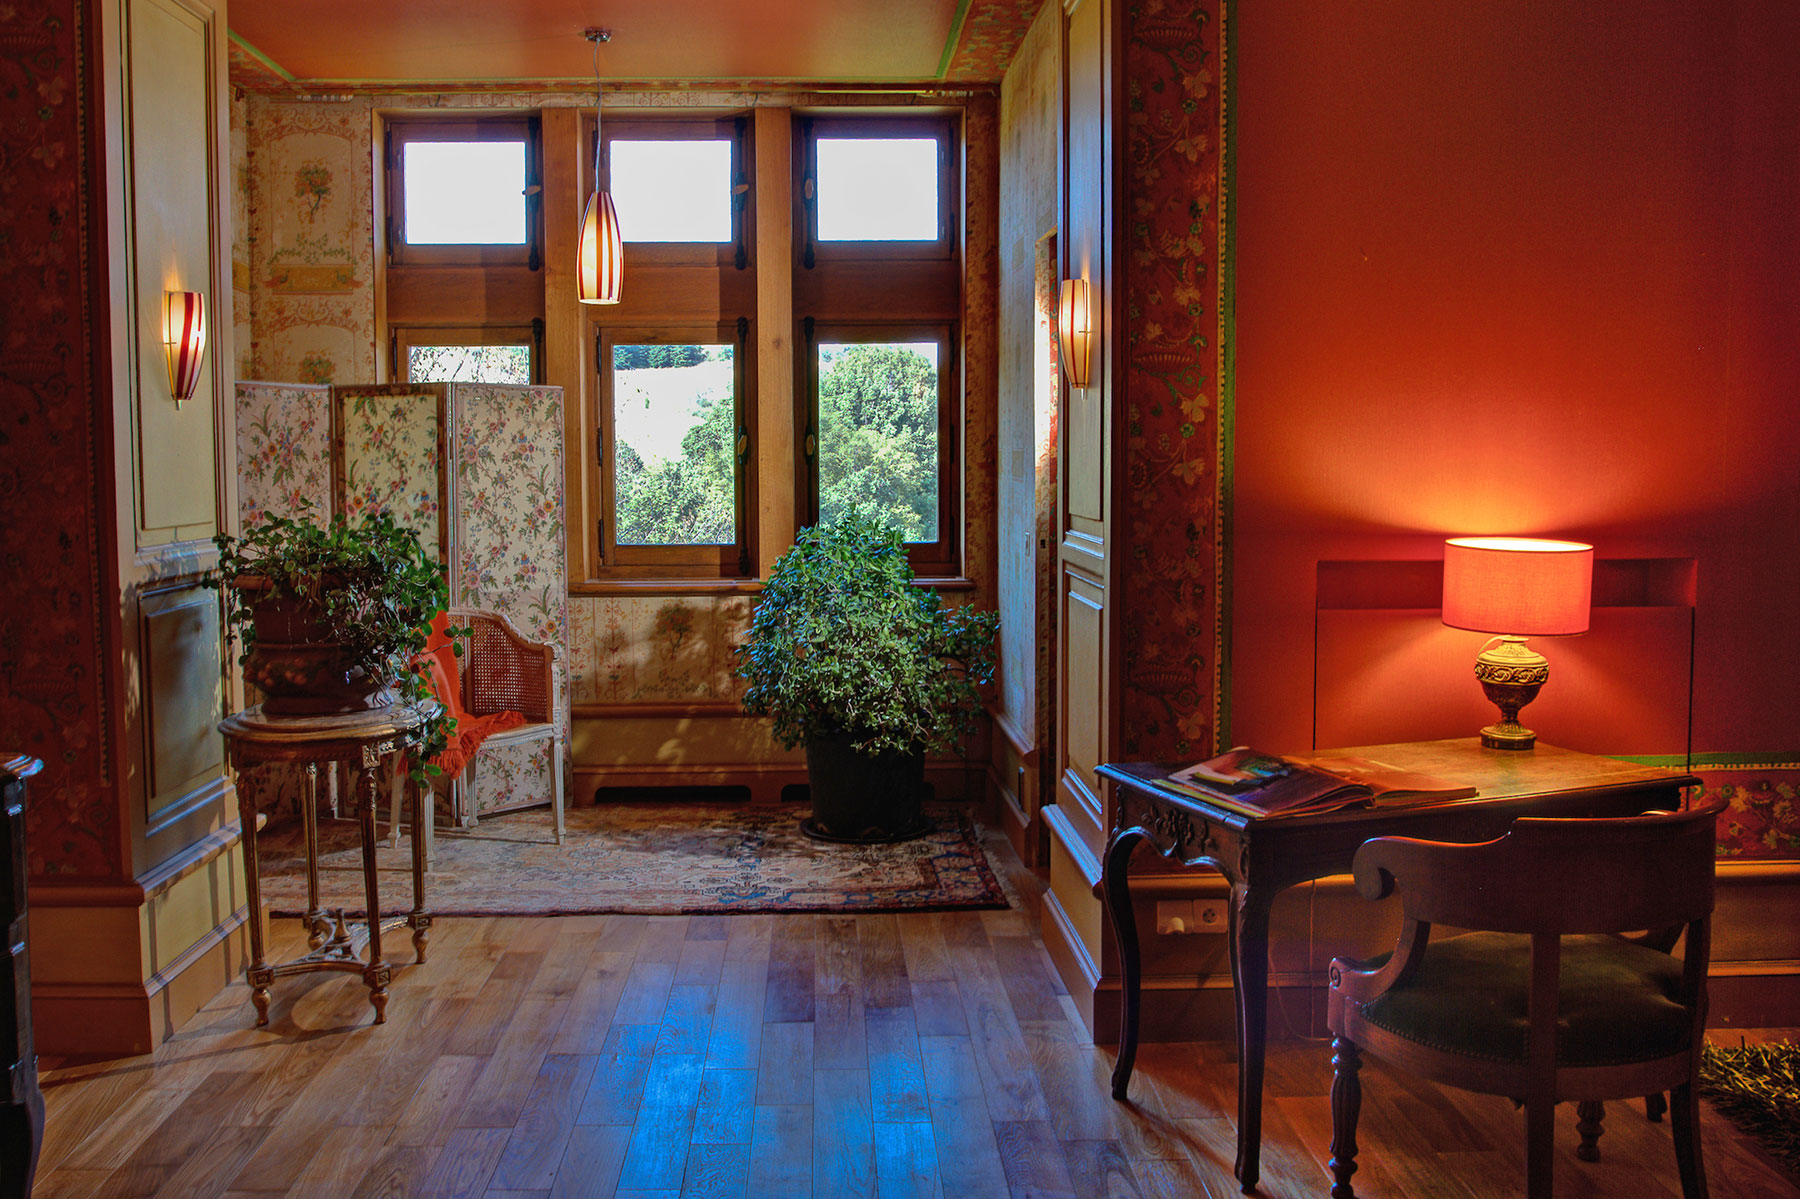 Chambres d 39 h tes de luxe ch teau du besset ard che - Chambre d hote chateau renard ...